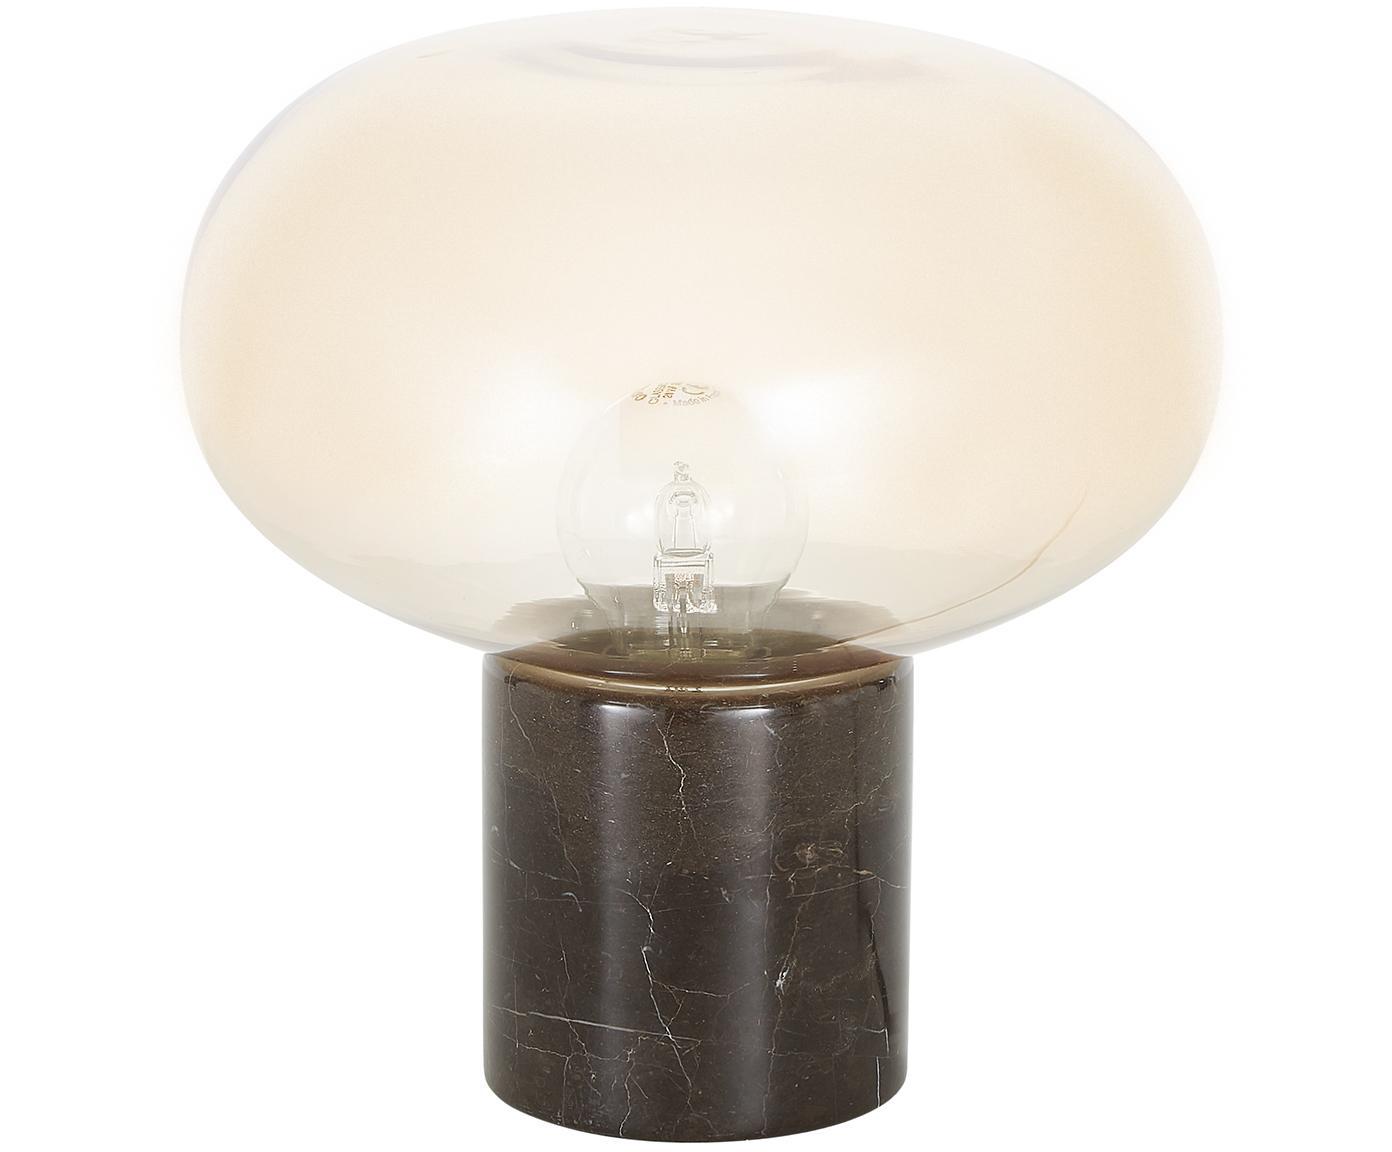 Marmeren tafellamp Alma, Lampvoet: marmer, Lampenkap: glas, Lampvoet: bruin marmer. Lampenkap: amberkleurig, transparant, Ø 23 x H 24 cm